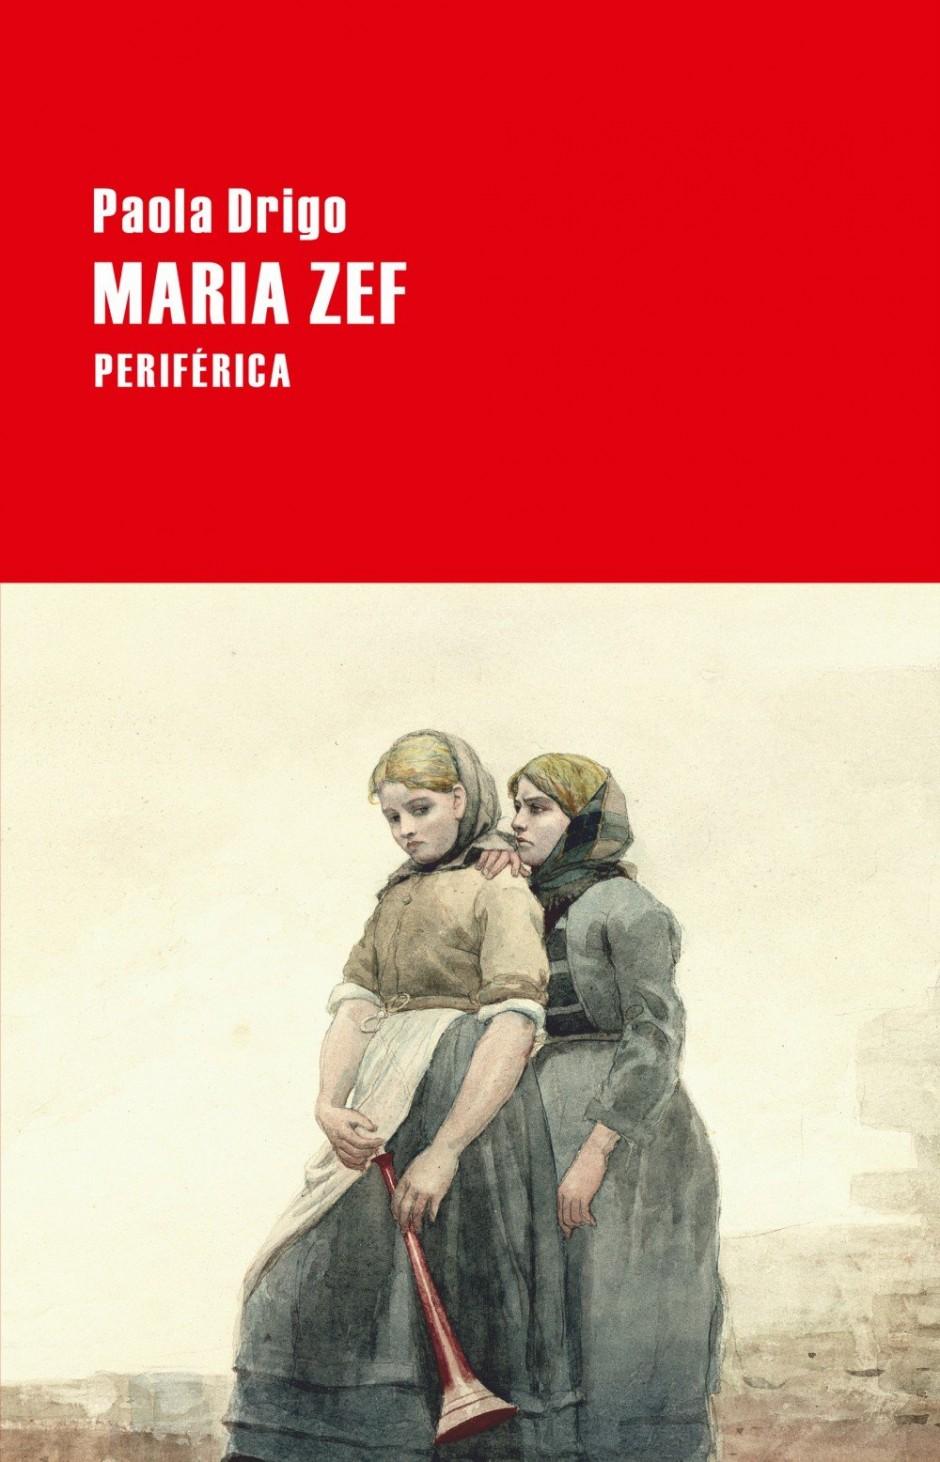 María Zef, de Paola Drigo